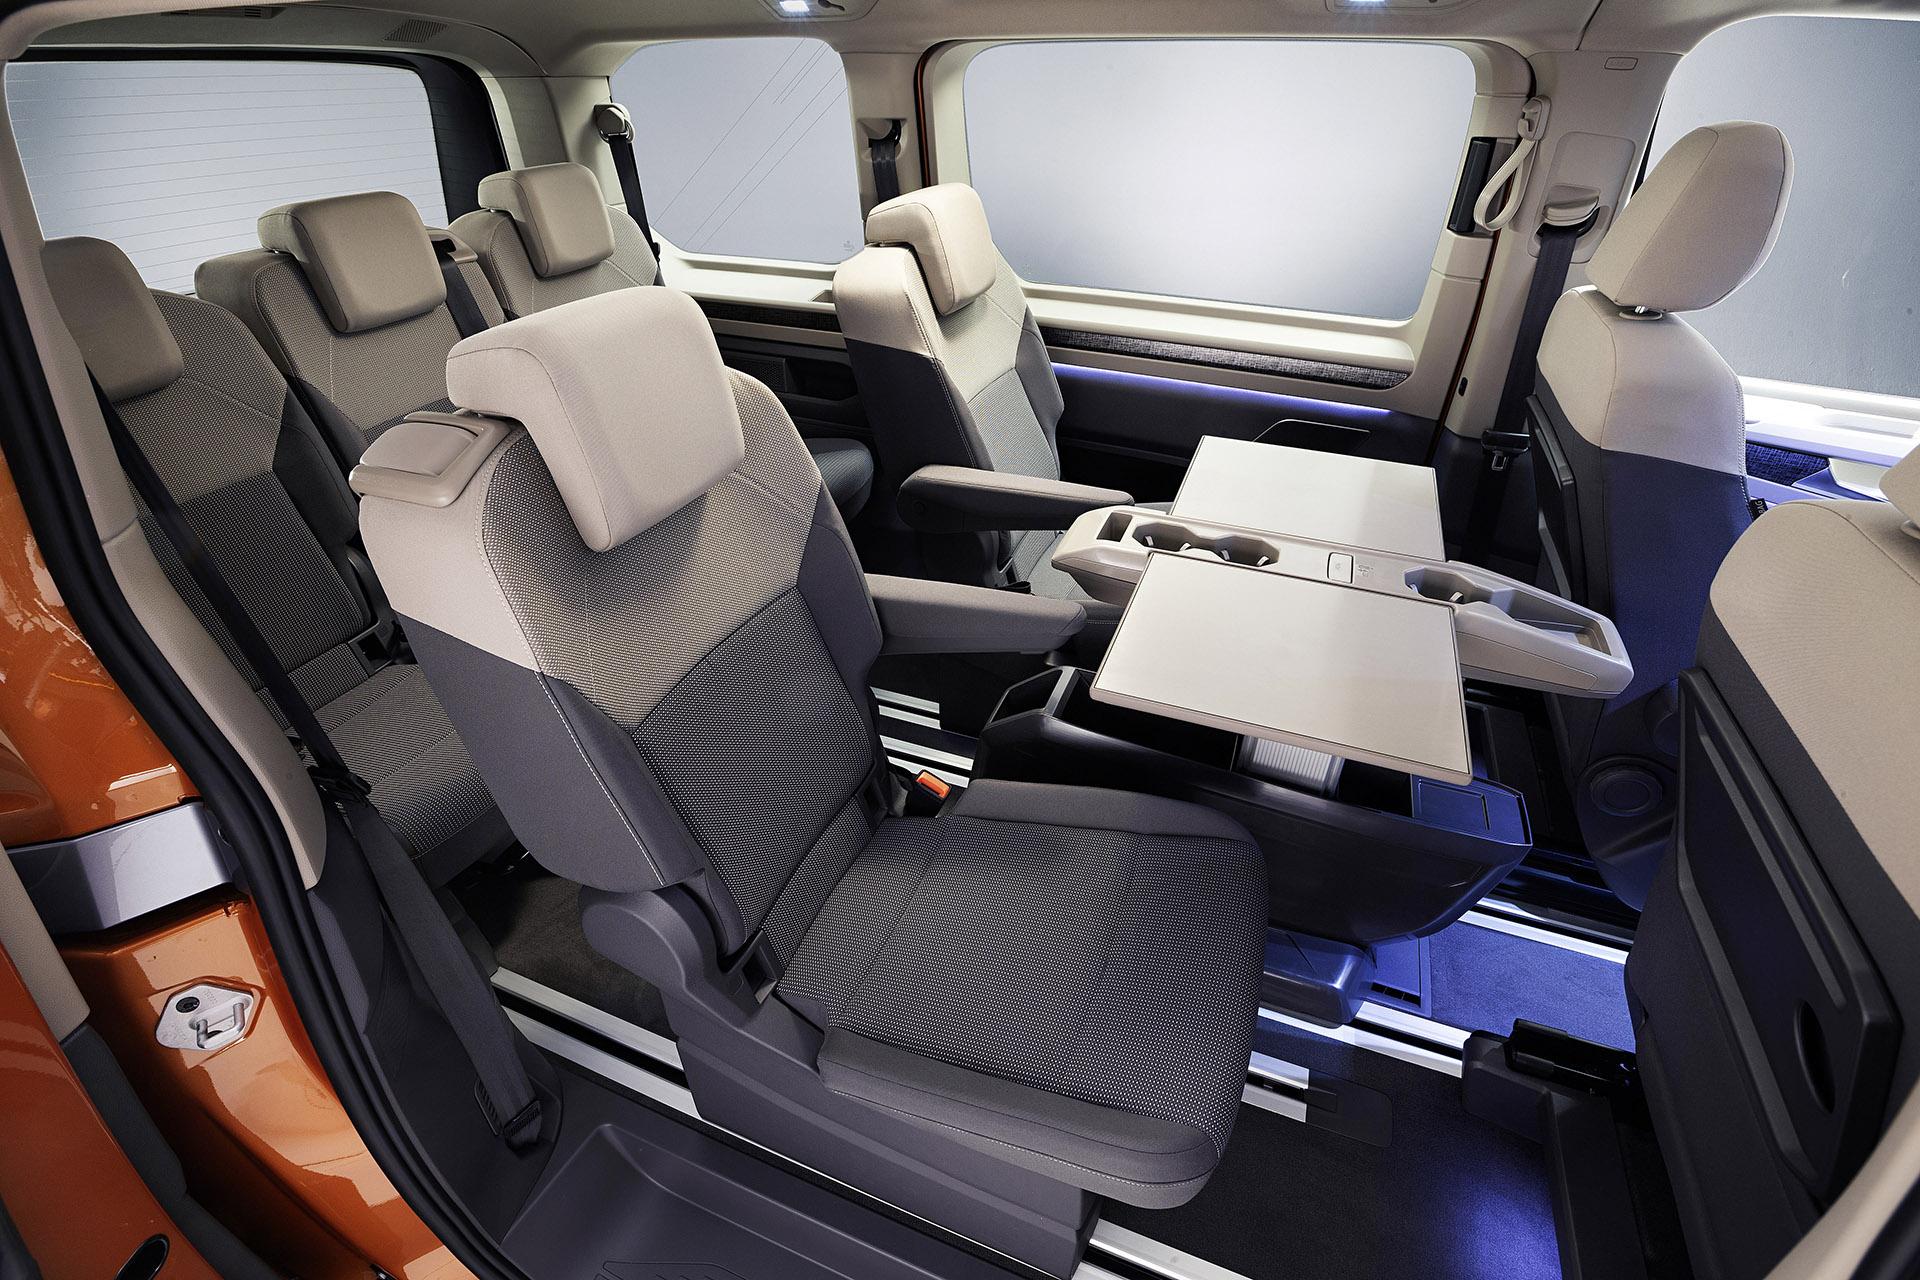 Volkswagent-T7-Multivan-interior-3.jpg